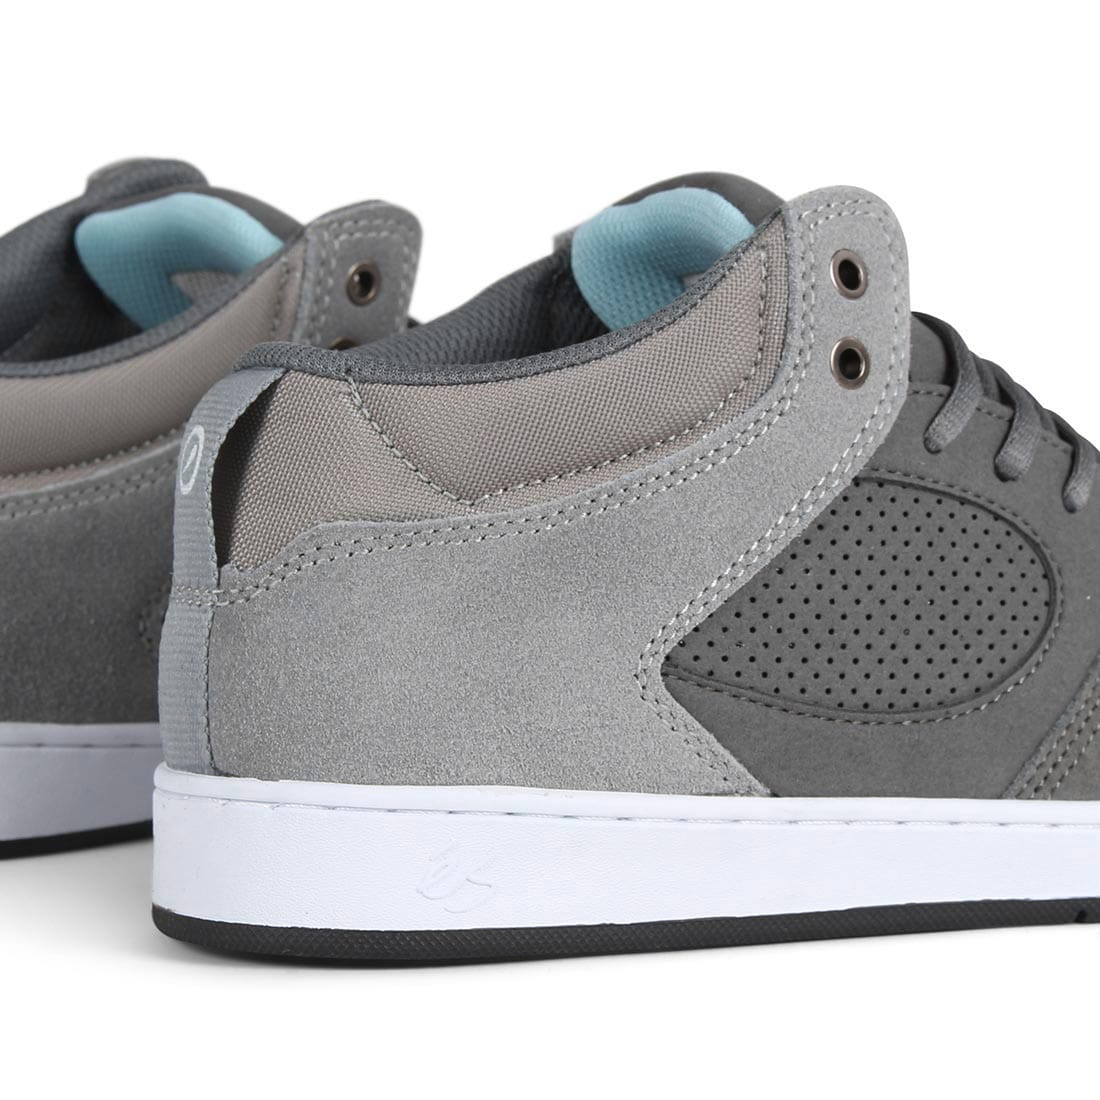 eS Accel Slim Mid Shoes - Dark Grey / Grey